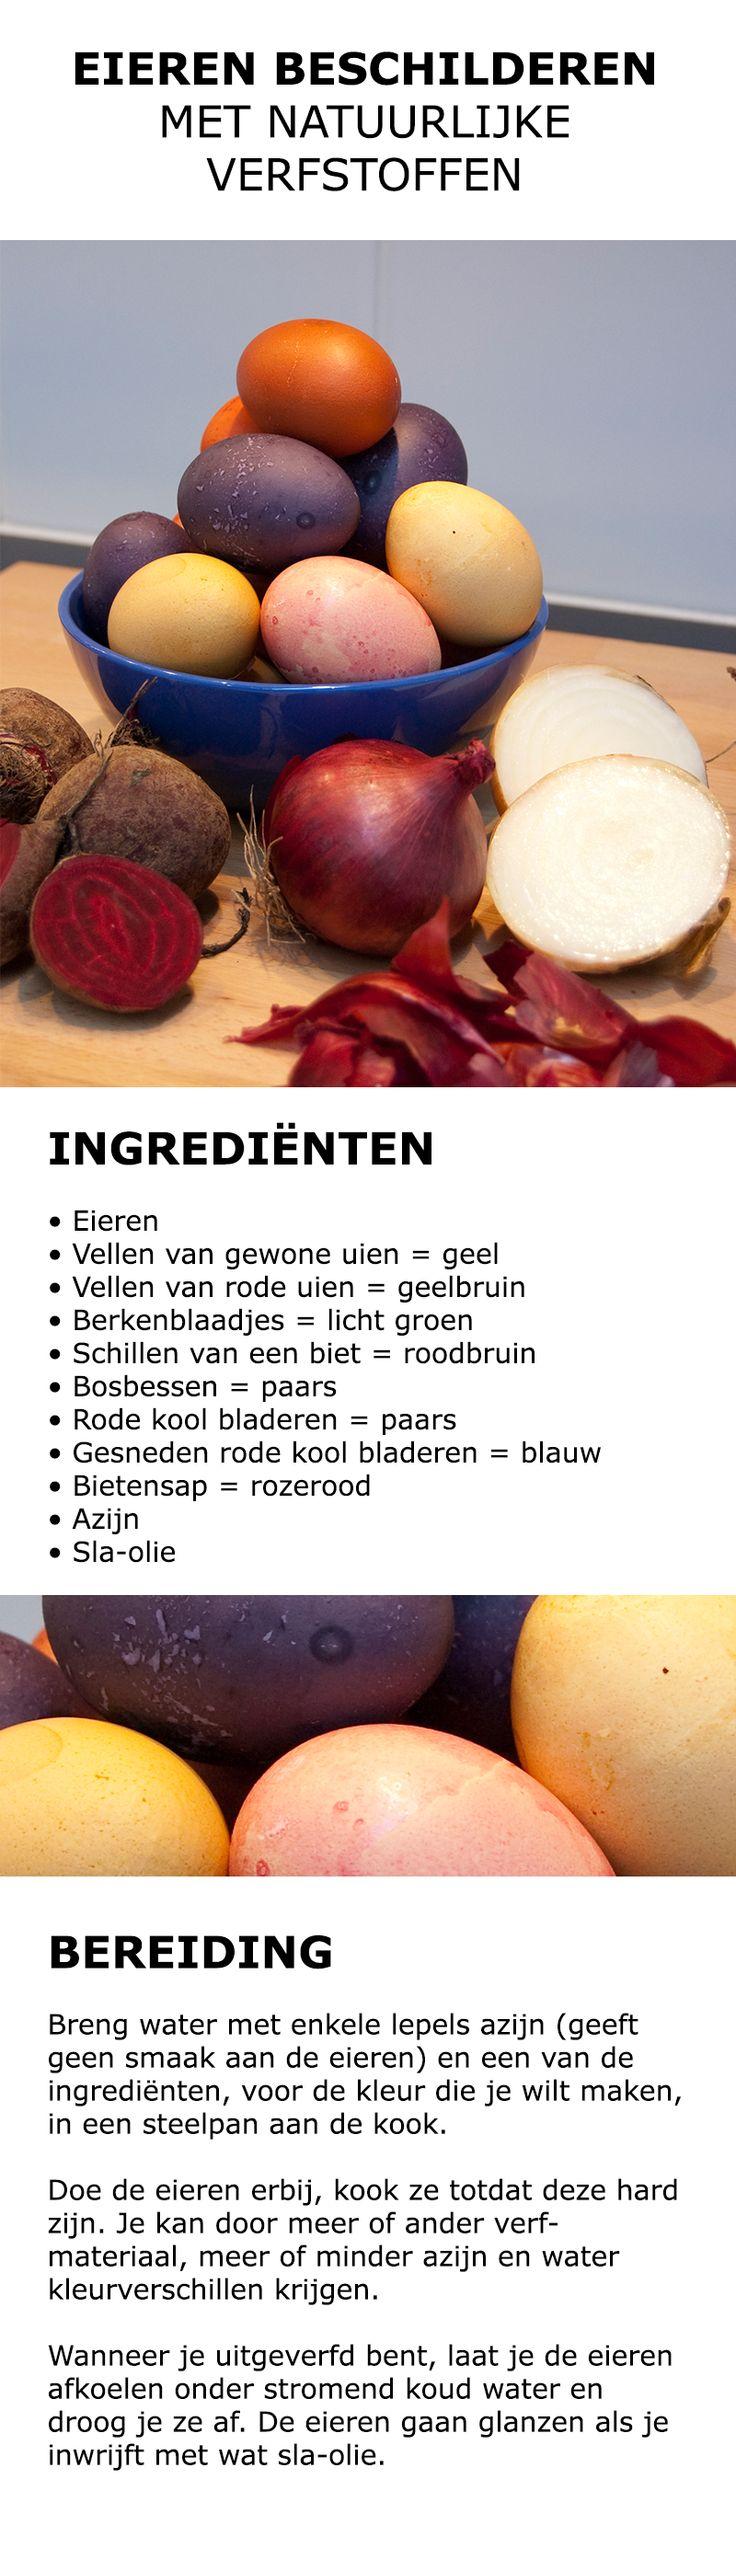 Inspiratie voor in de keuken - Eieren beschilderen | #IKEA #IKEAnl #koken #recept #ei #verven #pasen #natuurlijk